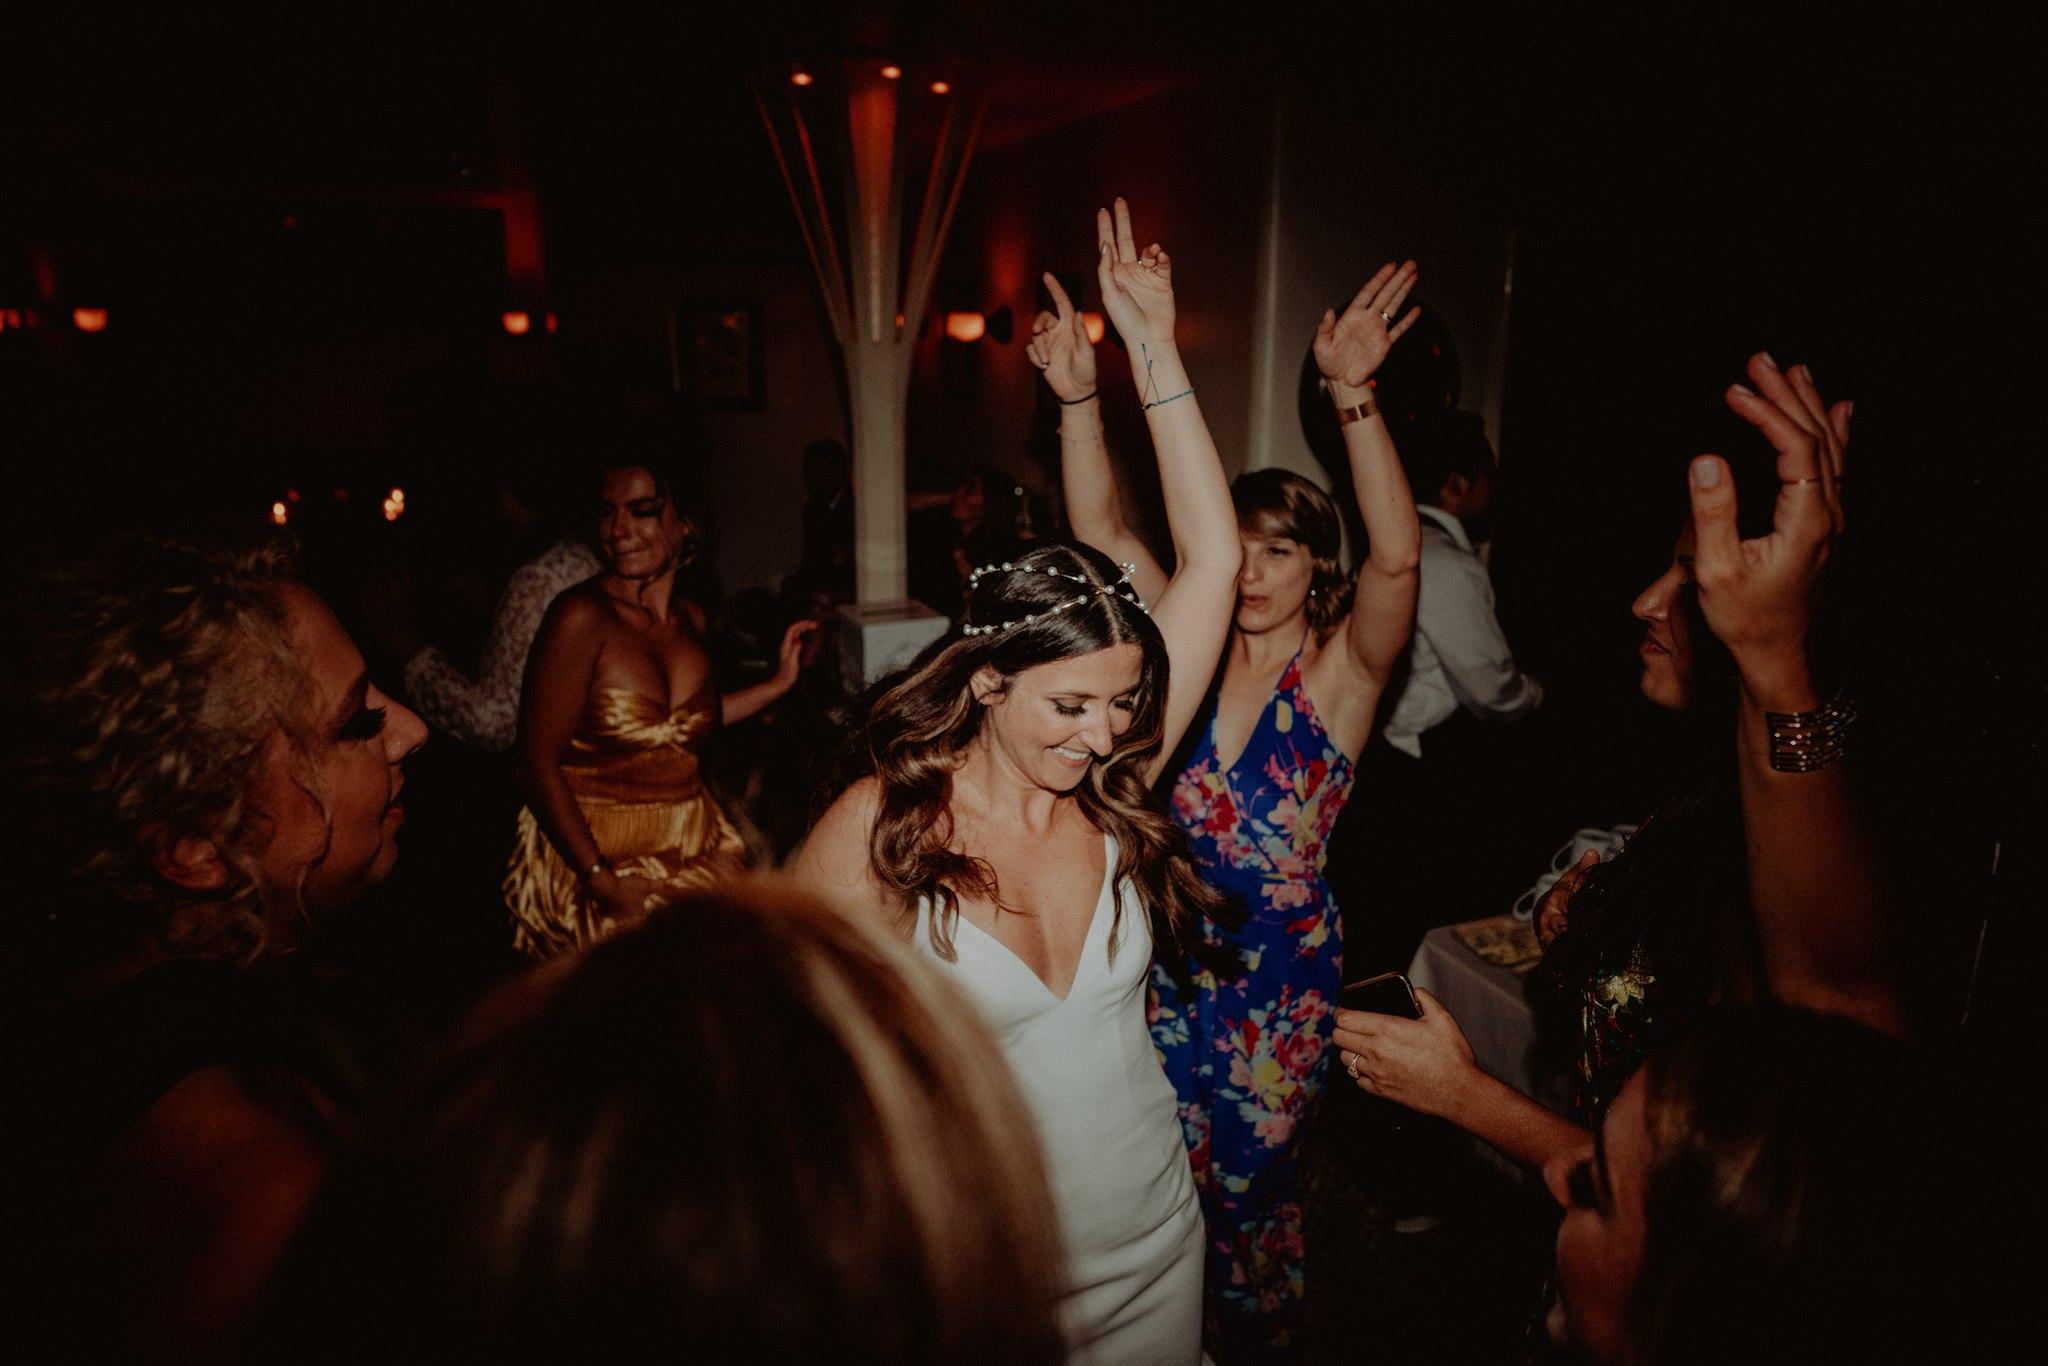 Chellise_Michael_Photography_Ramona_Brooklyn_Wedding_Photographer-793.jpg